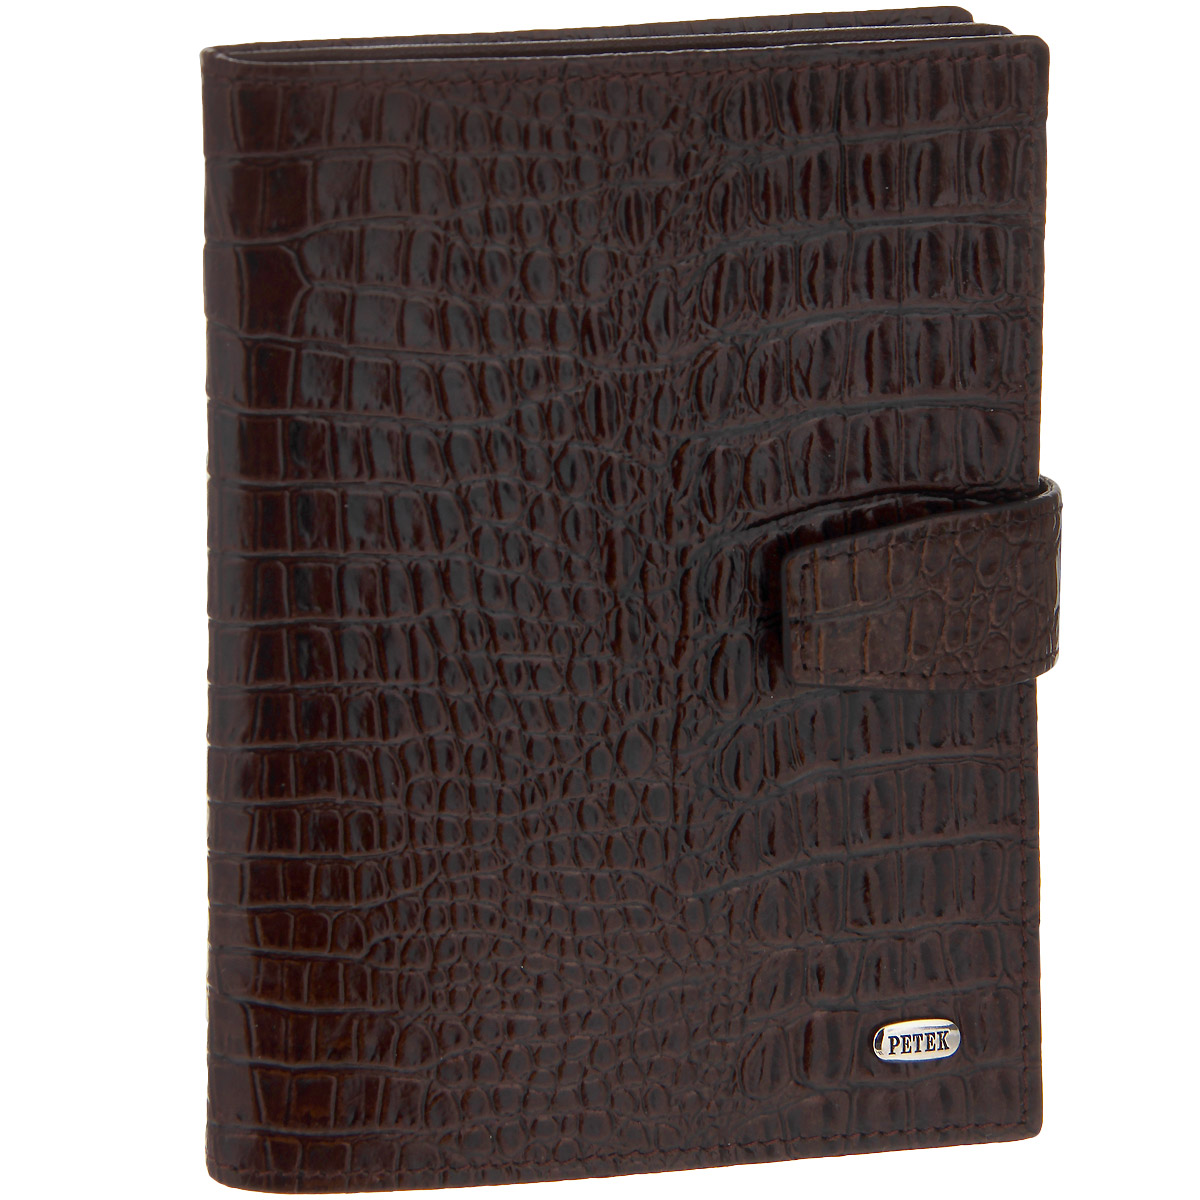 Обложка для паспорта и автодокументов Petek, цвет: коричневый.595.067.02ДА-18/2+Н550Эффектная обложка для паспорта и автодокументов Petek выполнена из натуральной кожи коричневого цвета и декорирована тиснением под кожу рептилии. На лицевой стороне изделие оформлено небольшой металлической пластиной с гравировкой Petek, на внутренней стороне - тиснением в виде названия бренда. Обложка закрывается хлястиком на застежку-кнопку. Модель состоит из двух отделений. Первое предназначено для паспорта и содержит два удобных боковых кармана, которые обеспечат надежную фиксацию вашего документа. Второе - для автодокументов, содержит съемный блок из шести прозрачных файлов из мягкого пластика, один из которых формата А5, а также два боковых прозрачных кармашка. Изделие упаковано в фирменную коробку.Стильная обложка для паспорта и автодокументов не только поможет сохранить их внешний вид и защитить от повреждений, но и станет аксессуаром, который внесет изюминку в ваш образ.